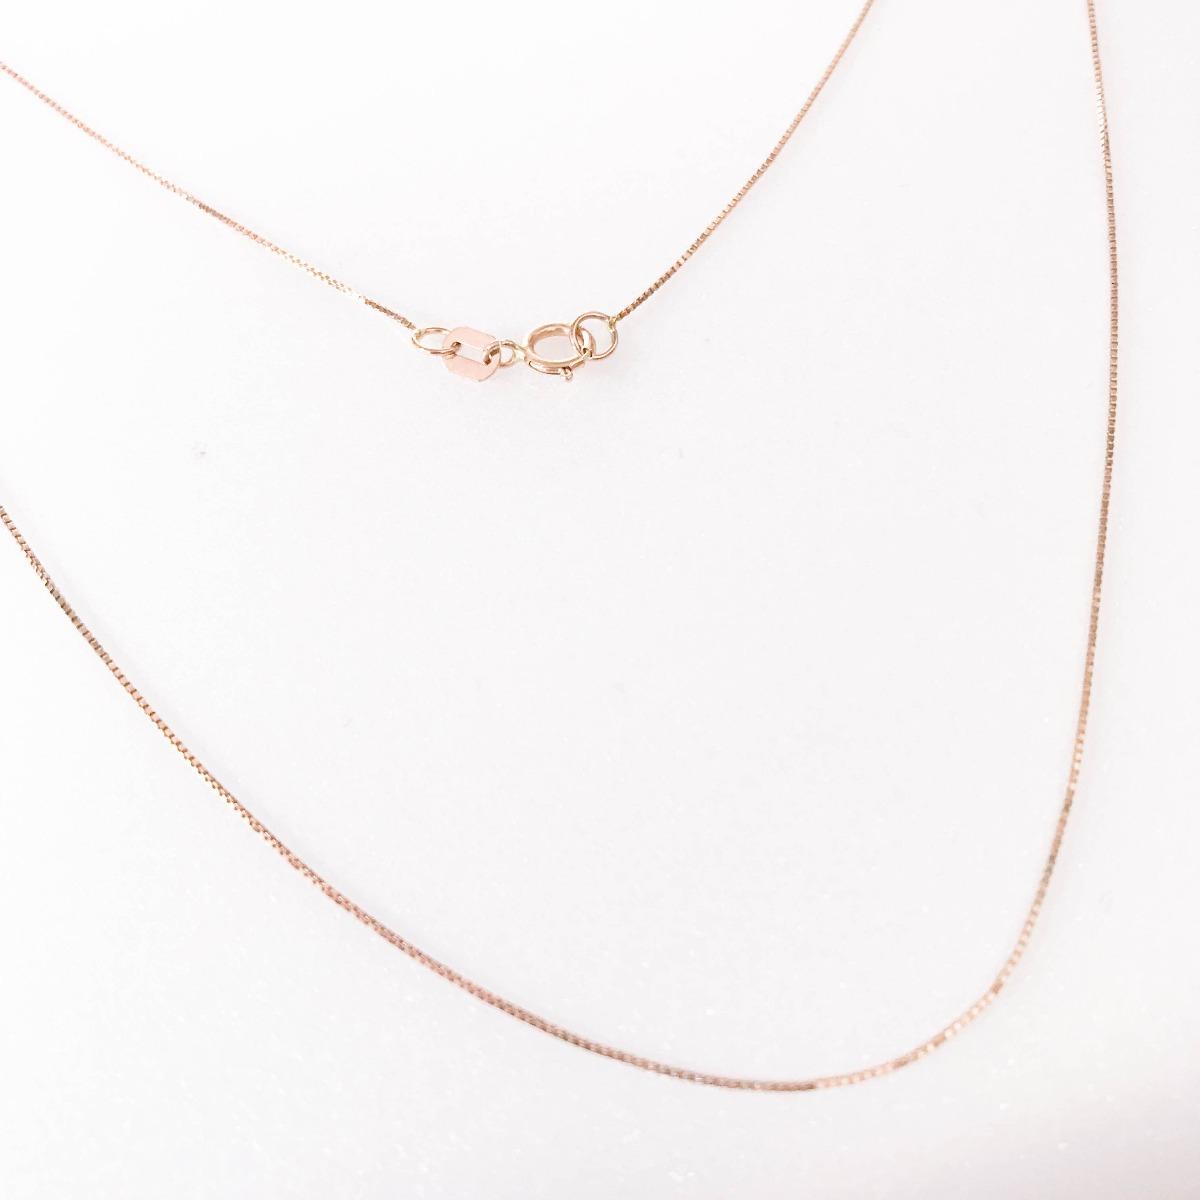 058153d398e13 corrente veneziana 40cm feminina rose gold ouro 18k 750. Carregando zoom.